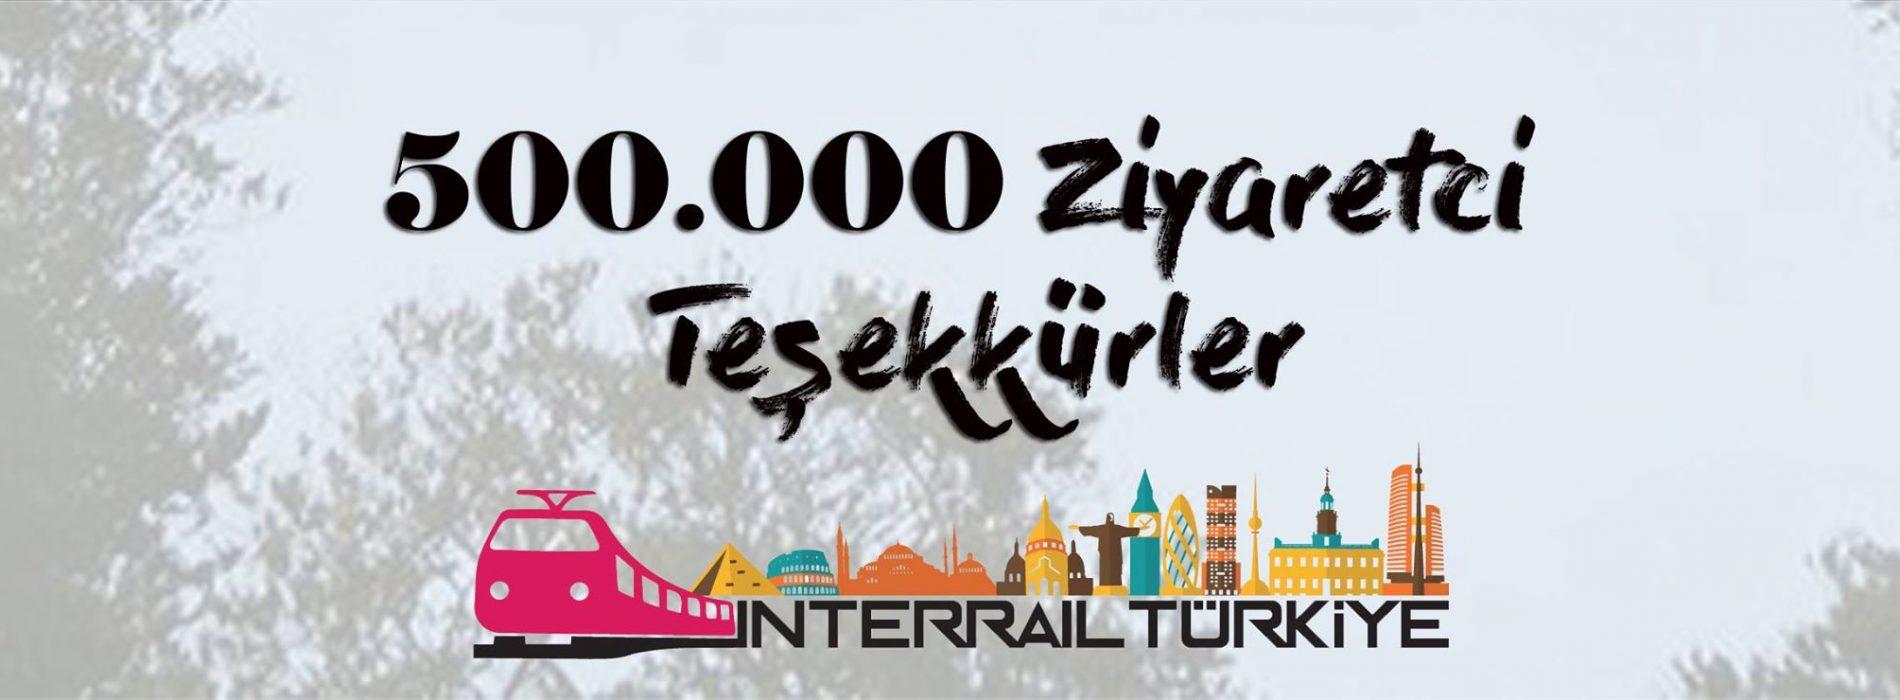 500.000 Ziyaretçi | Teşekkürler InterRail Ailesi